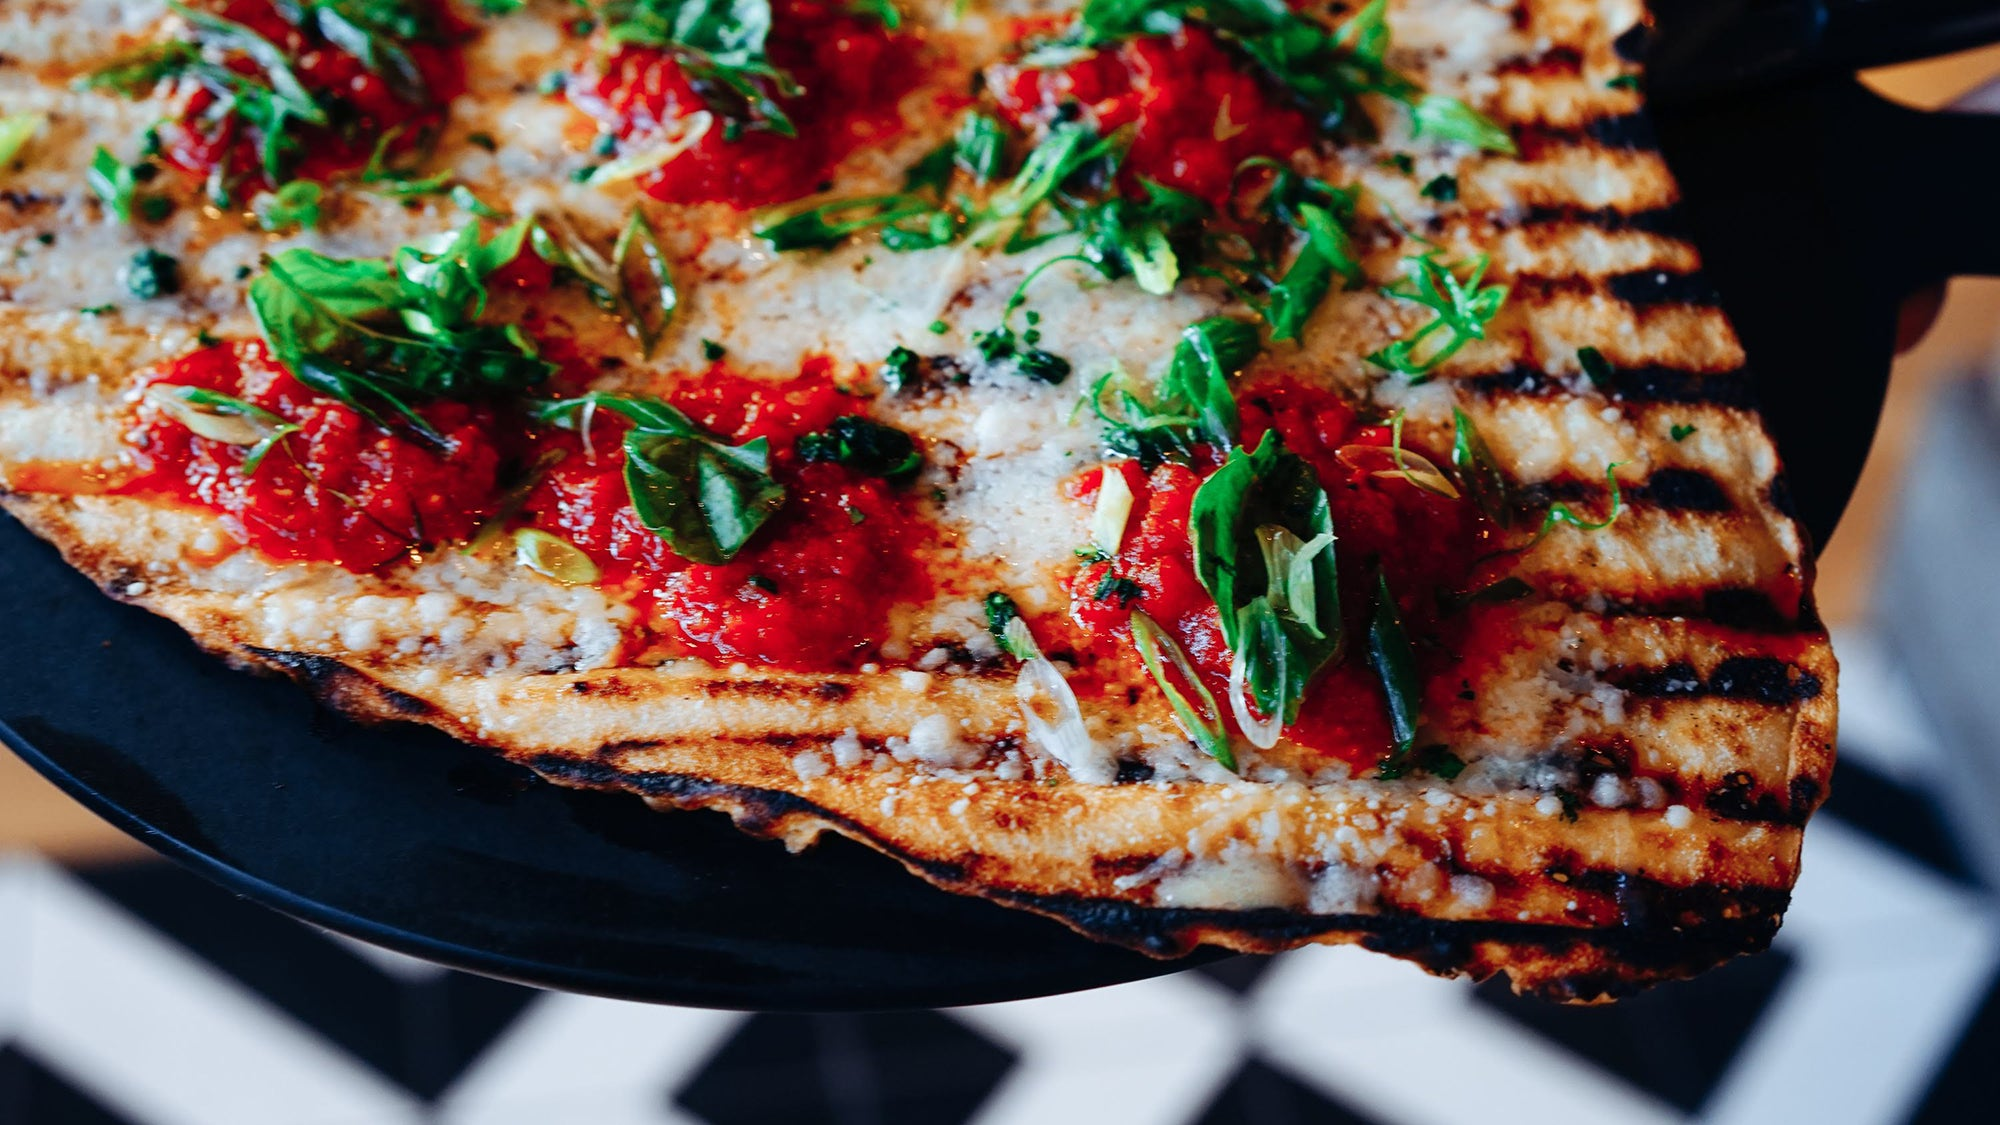 Margherita pizza at Bar 'Cino